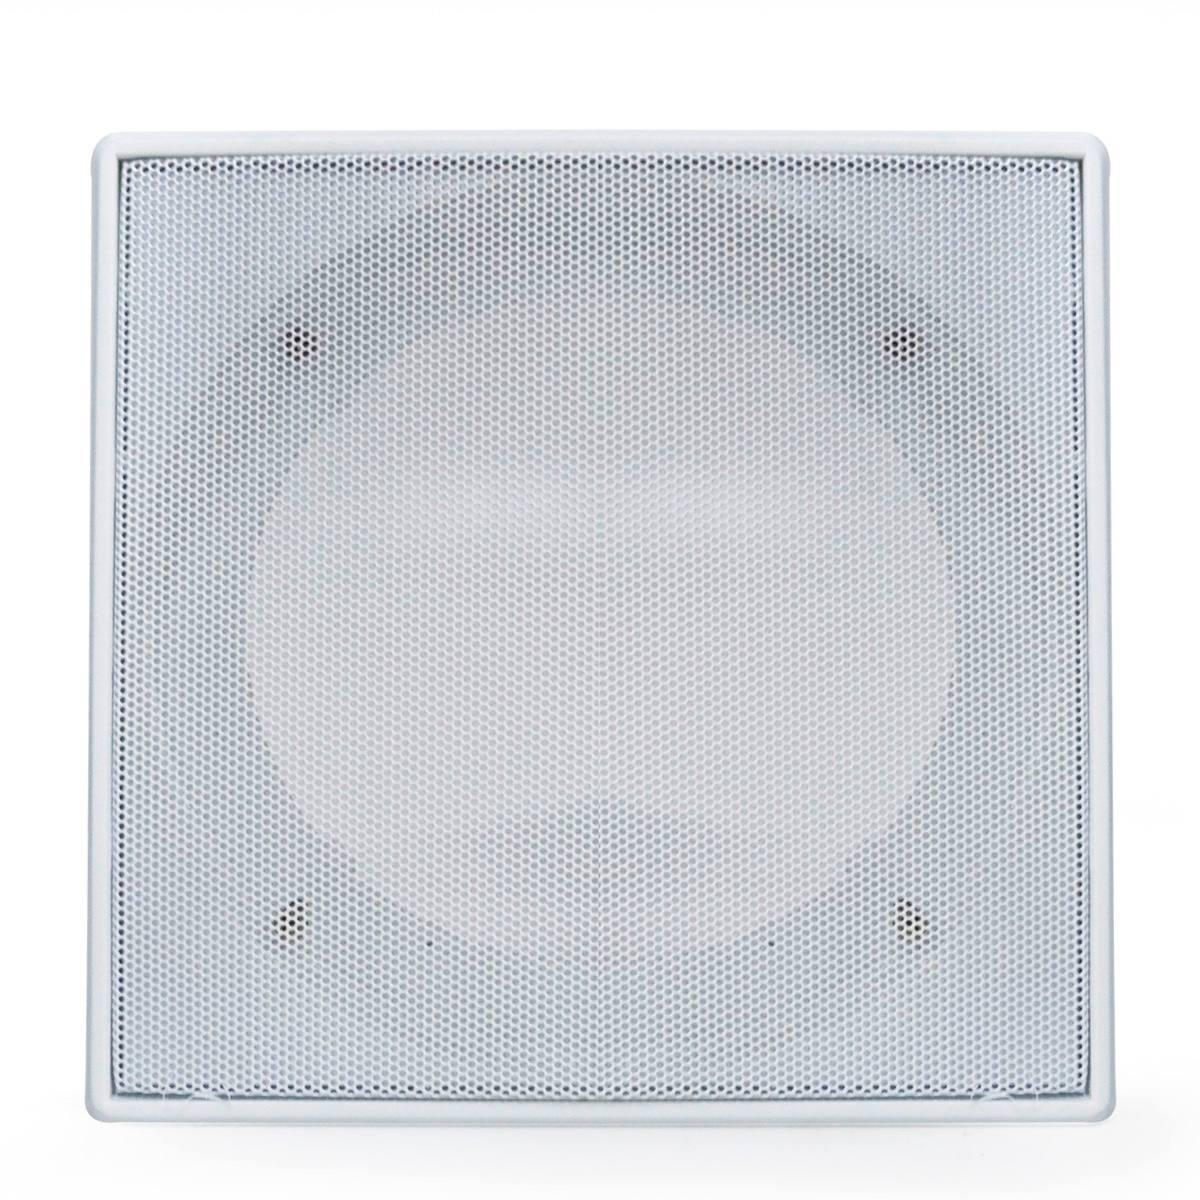 Tela Arandela Quadrada 6 Pol Branca Para Teto De Gesso Sanca R 45